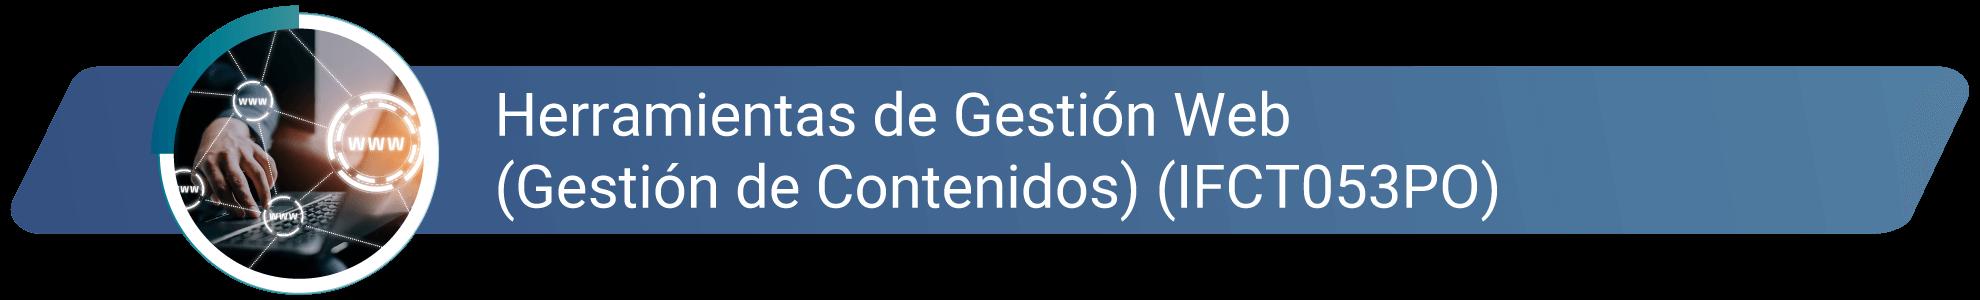 IFCT053PO - Herramientas de Gestión Web (Gestión de Contenidos)